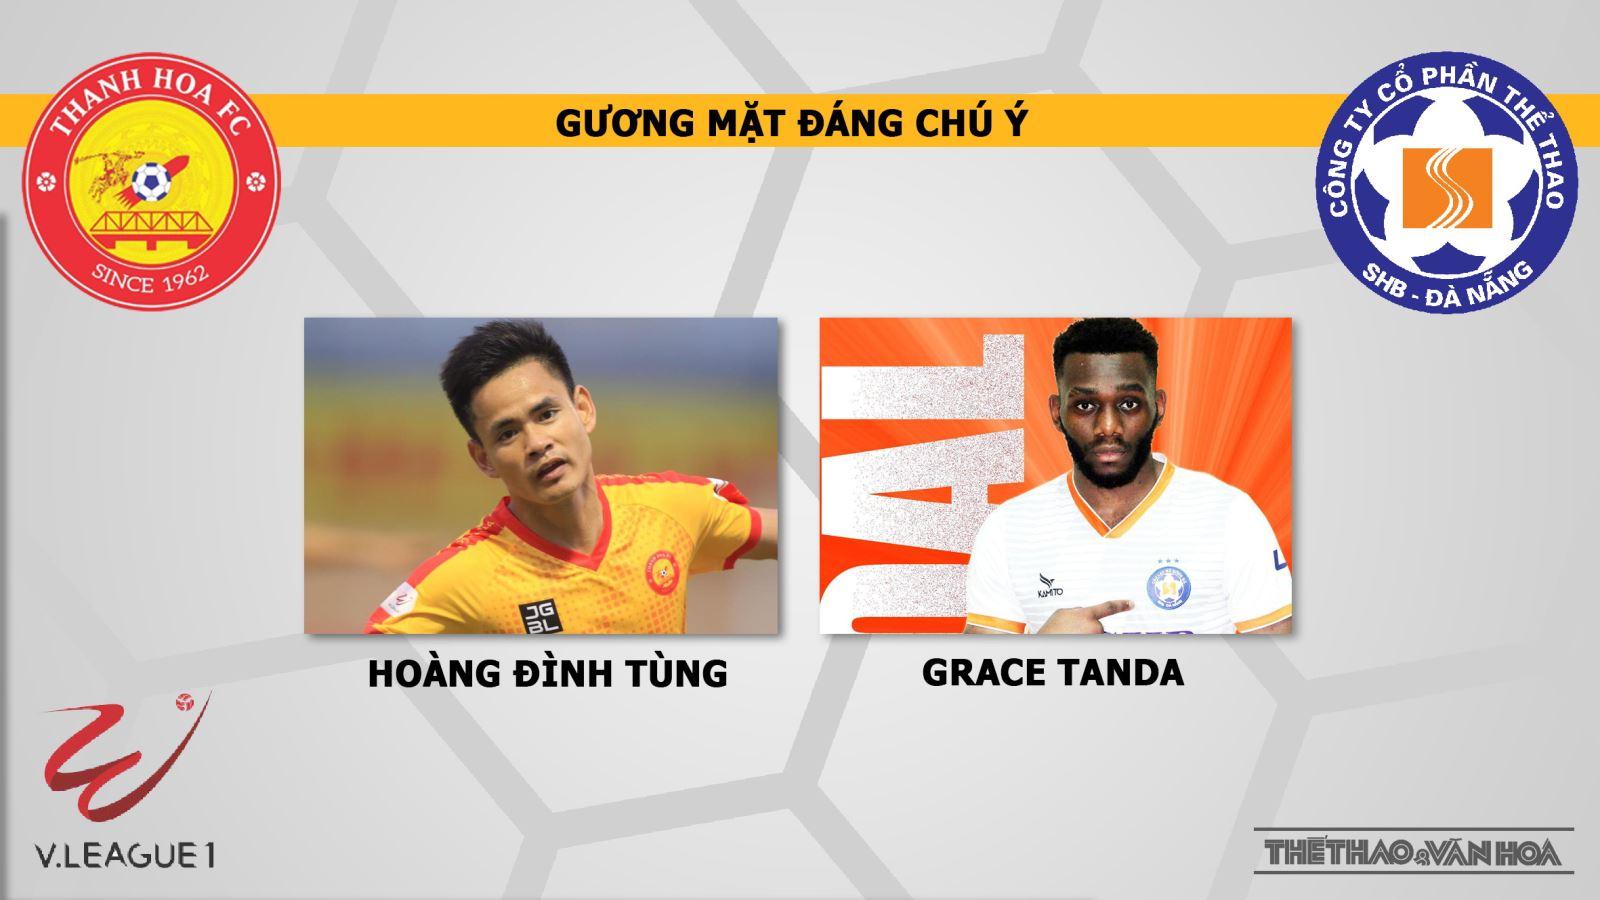 Keo nha cai, kèo nhà cái, Thanh Hóa vs SHB Đà Nẵng, Trực tiếp bóng đá V- League 2020, trực tiếp bóng đá Thanh Hóa đấu với Đà Nẵng, bảng xếp hạng V League vòng 8